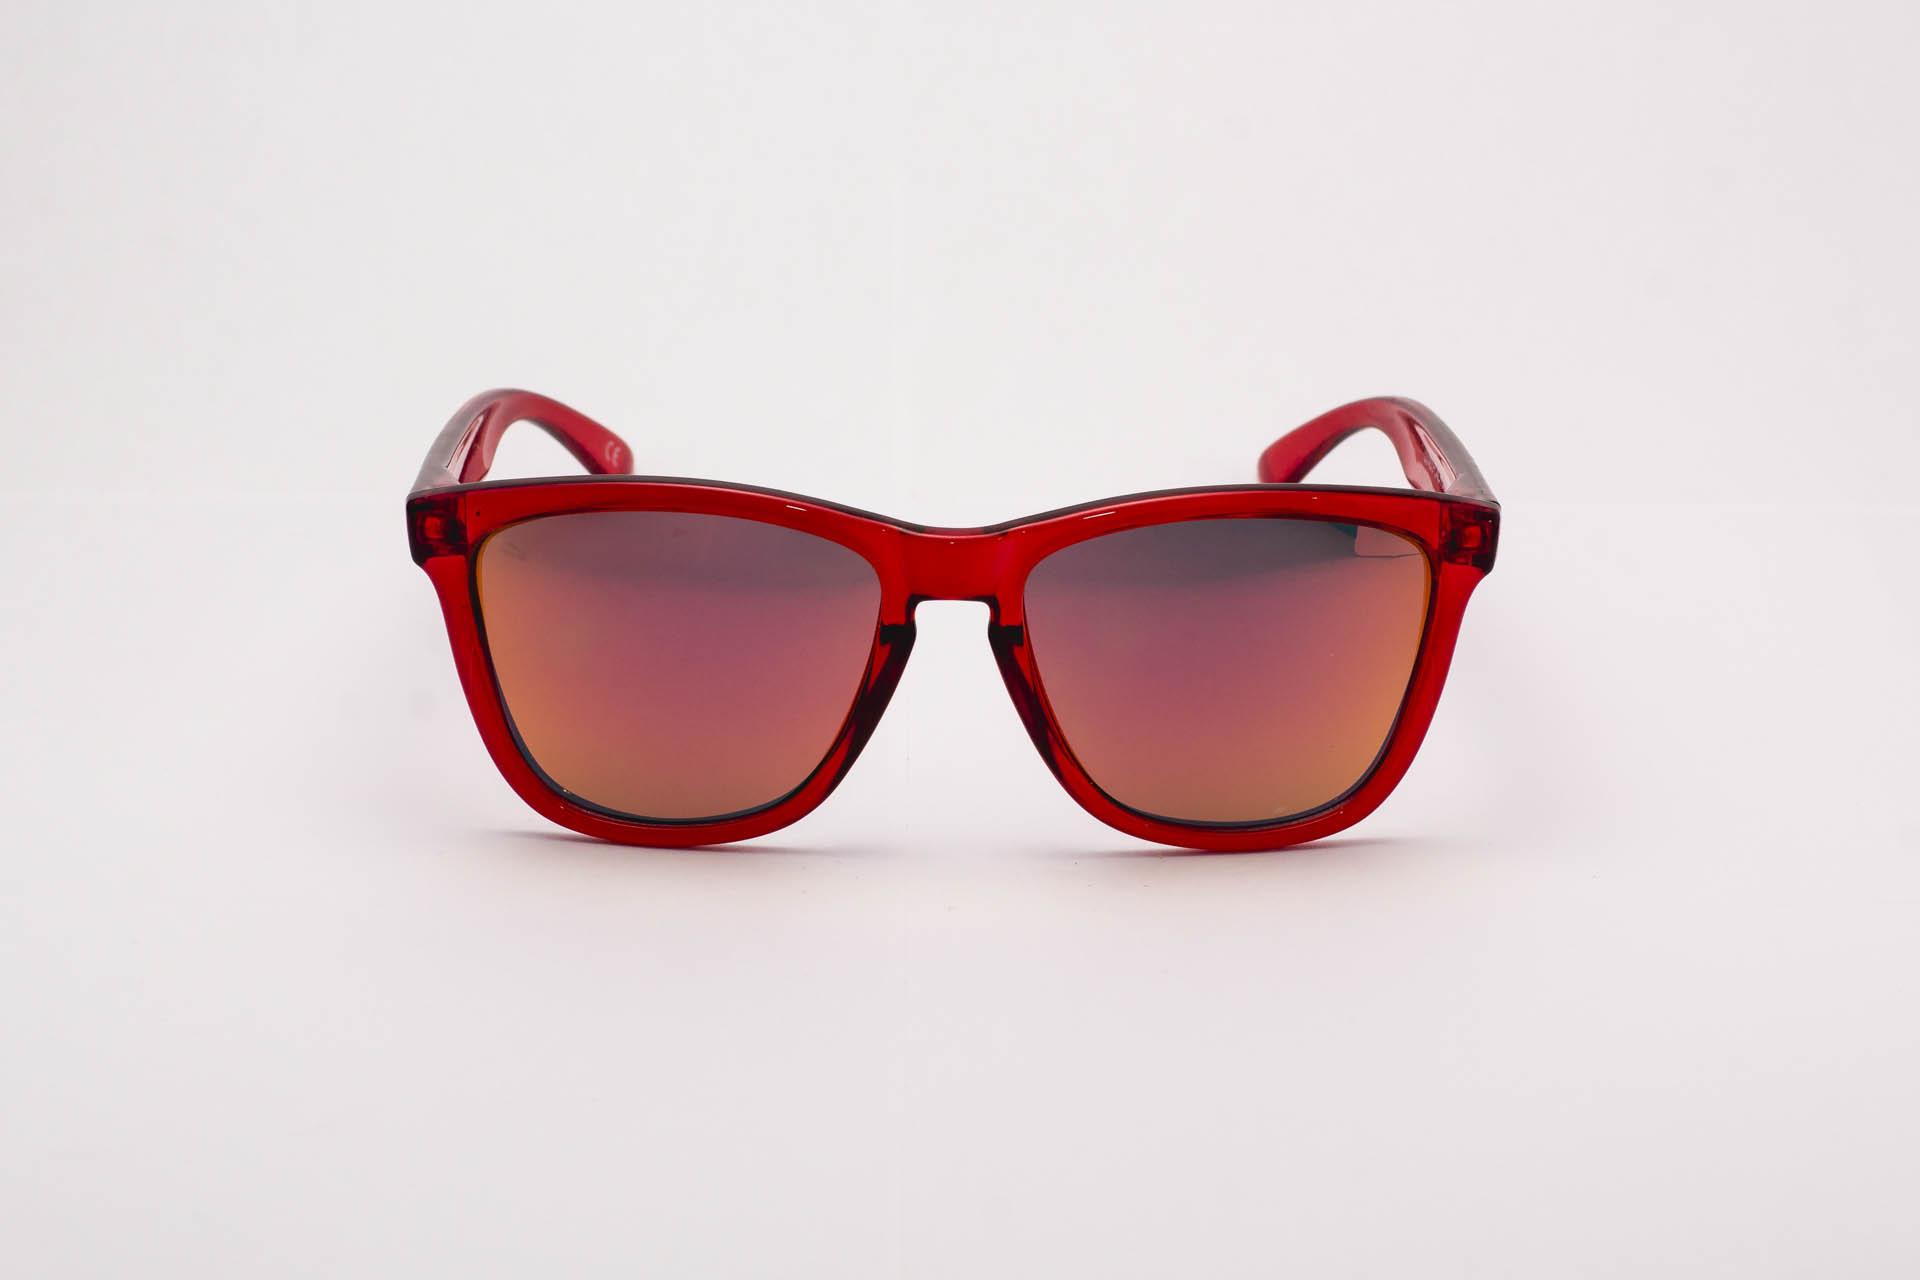 Afrodita red